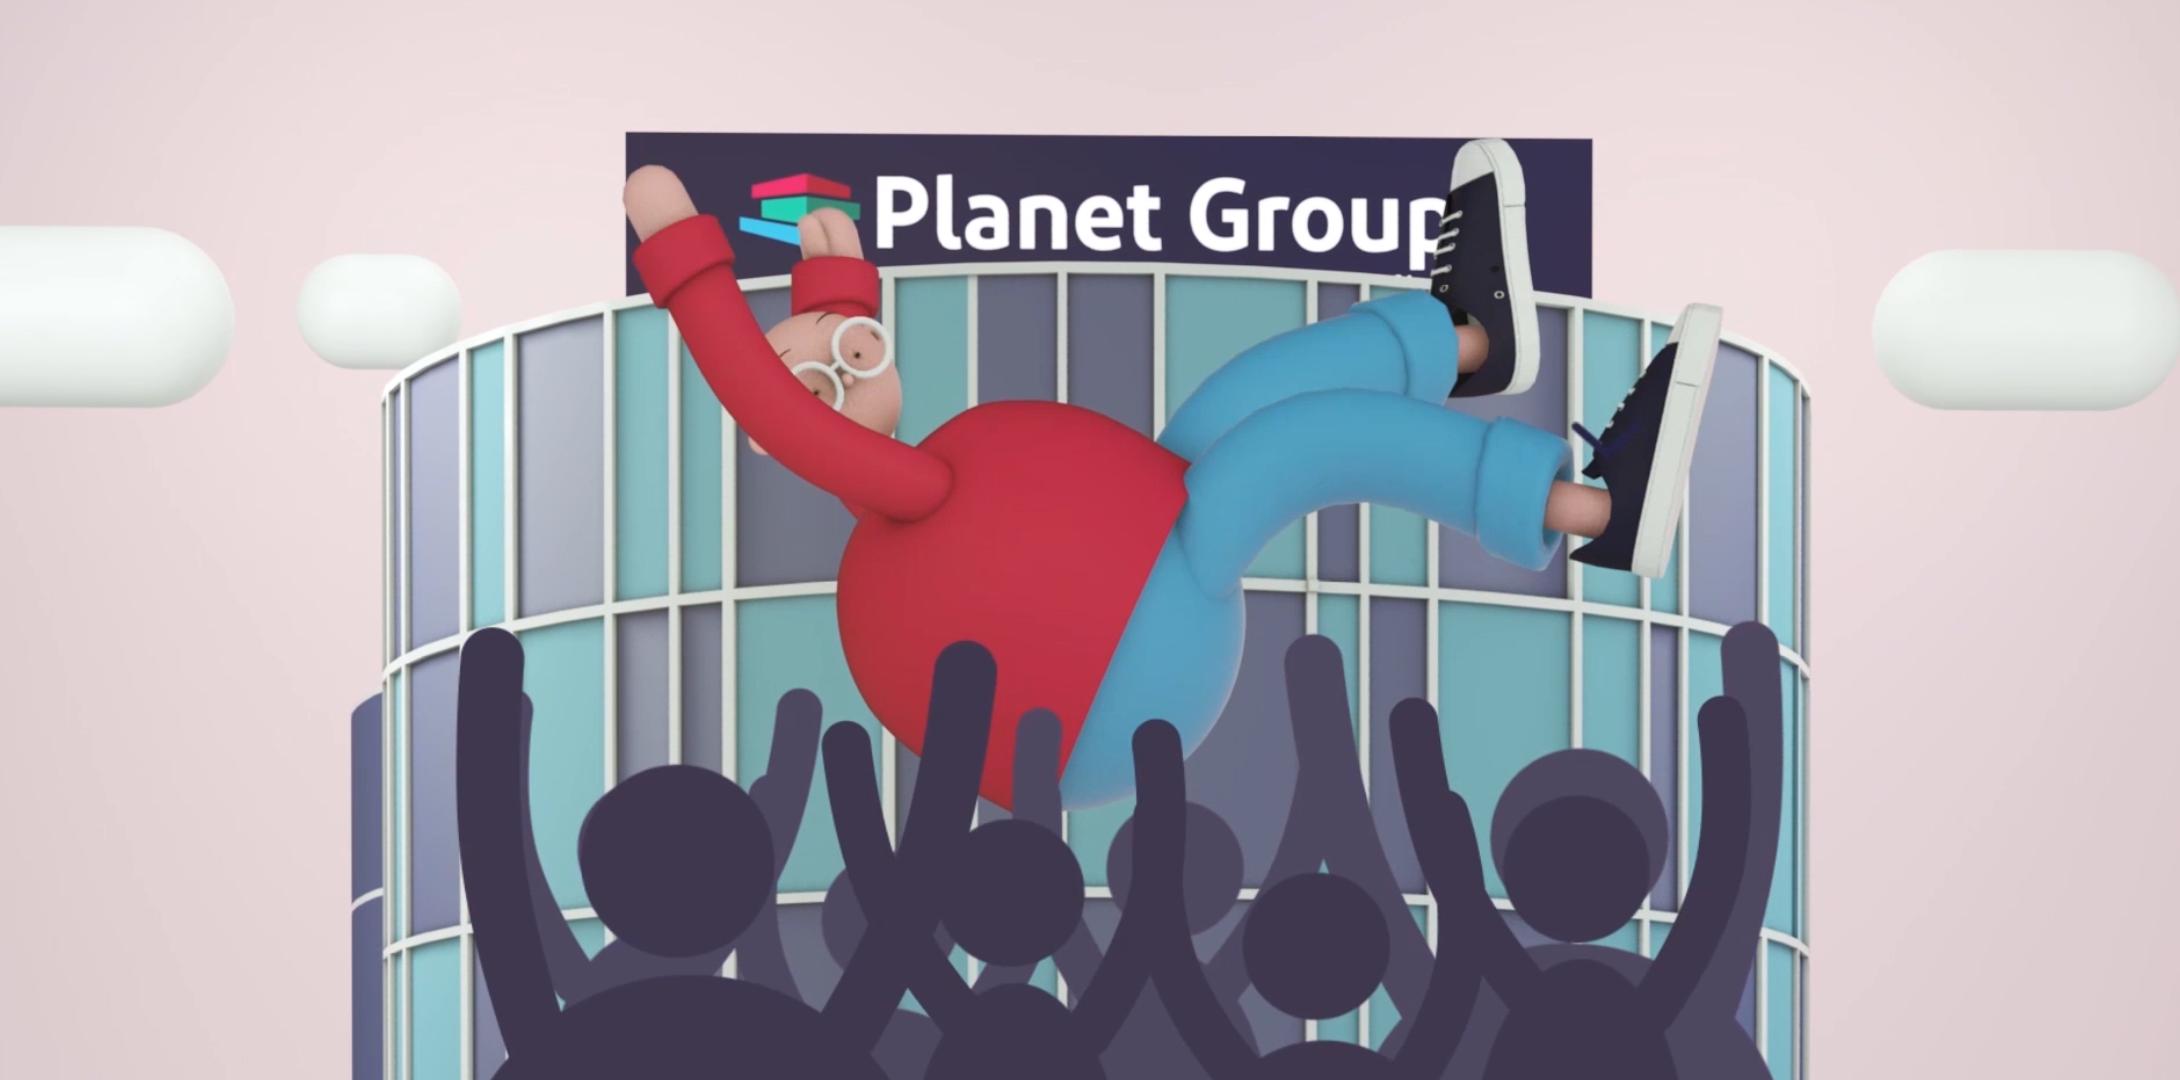 Thumbnail Planet Group 3D - mascotte van Planet Group  wordt op handen gedragen voor het Planet Business Center gebouw